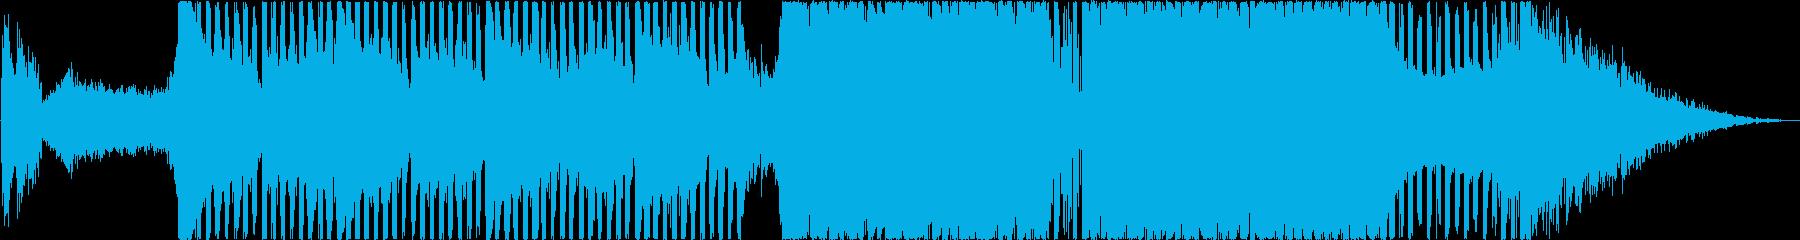 アイドルの登場曲を思わせる派手なテクノ系の再生済みの波形